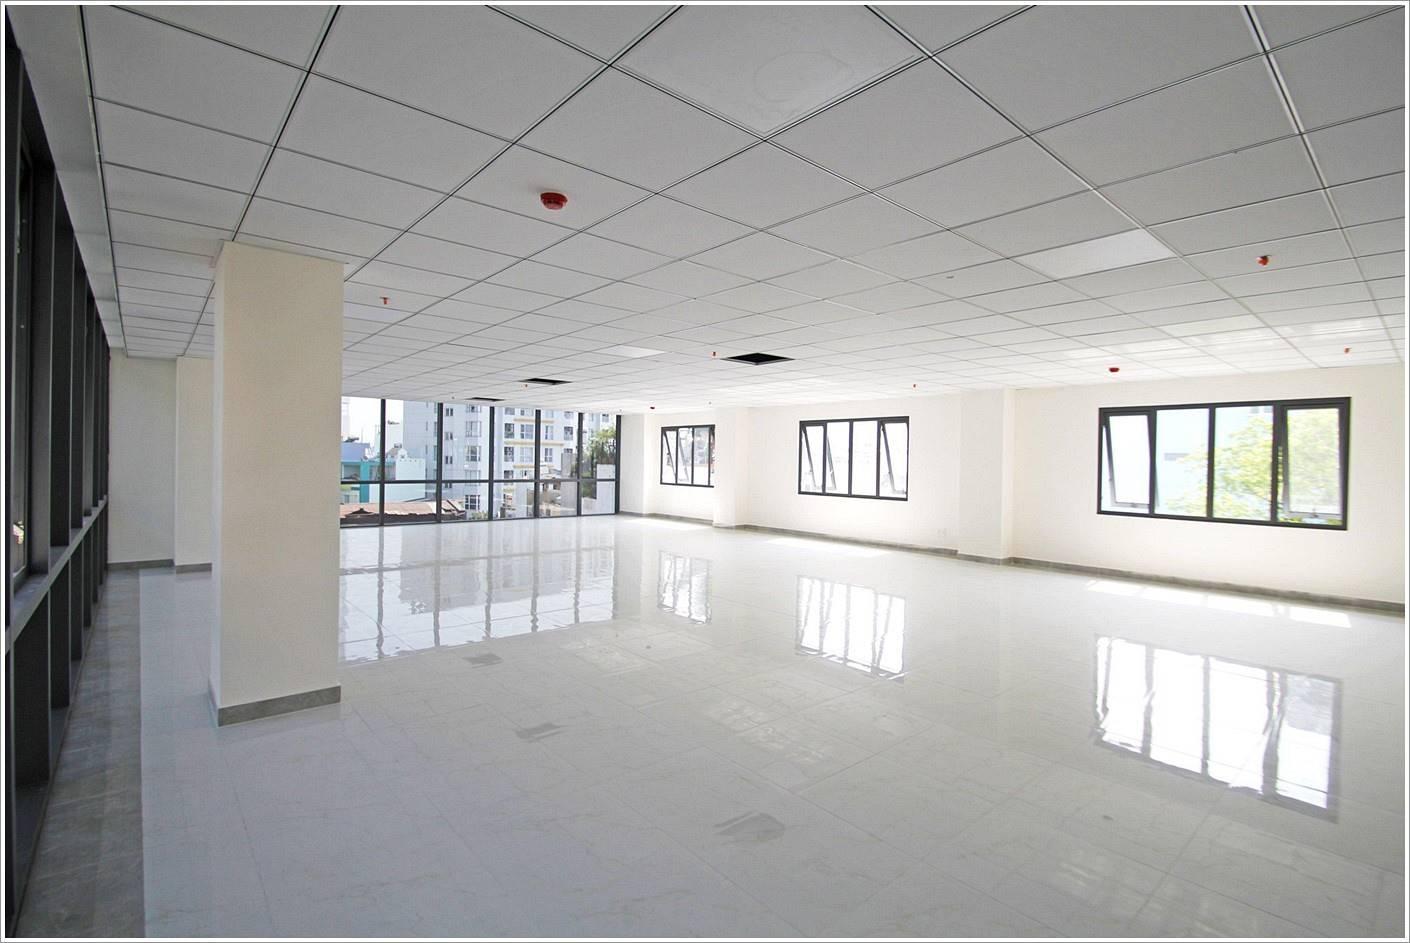 tsa-building-le-quy-don-quan-phu-nhuan-van-phong-cho-thue-tphcm-5real.vn-04